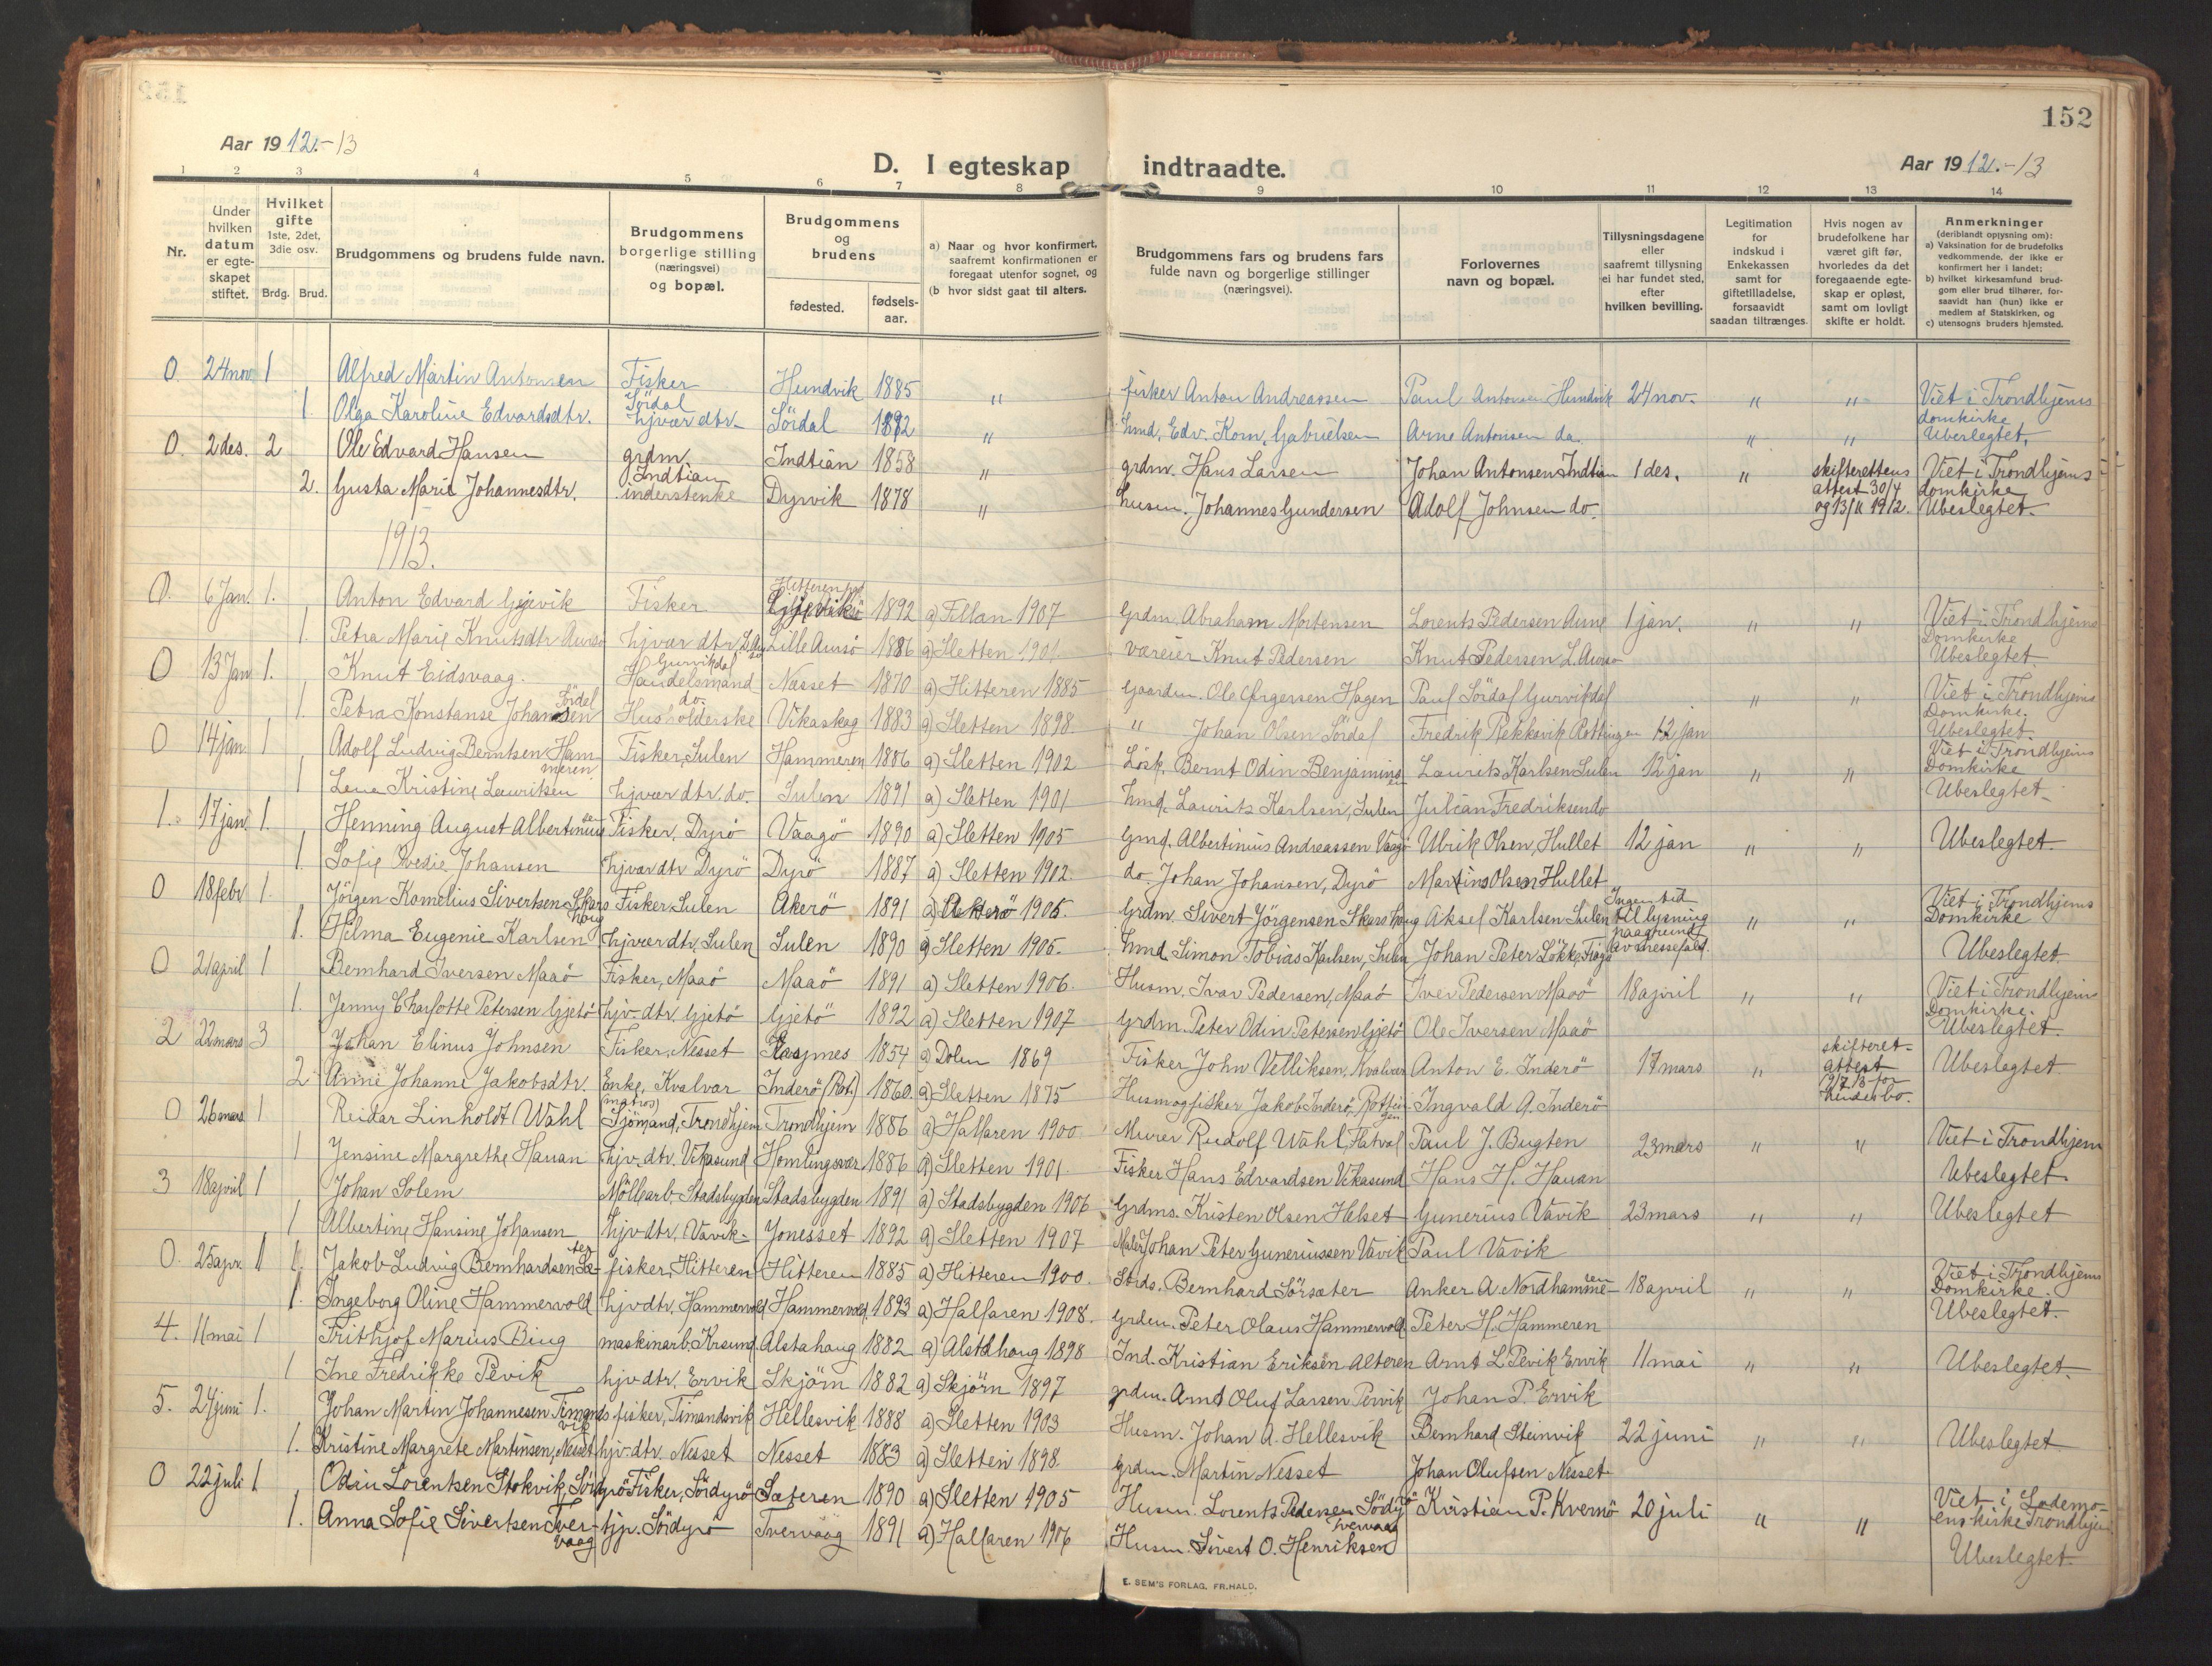 SAT, Ministerialprotokoller, klokkerbøker og fødselsregistre - Sør-Trøndelag, 640/L0581: Ministerialbok nr. 640A06, 1910-1924, s. 152